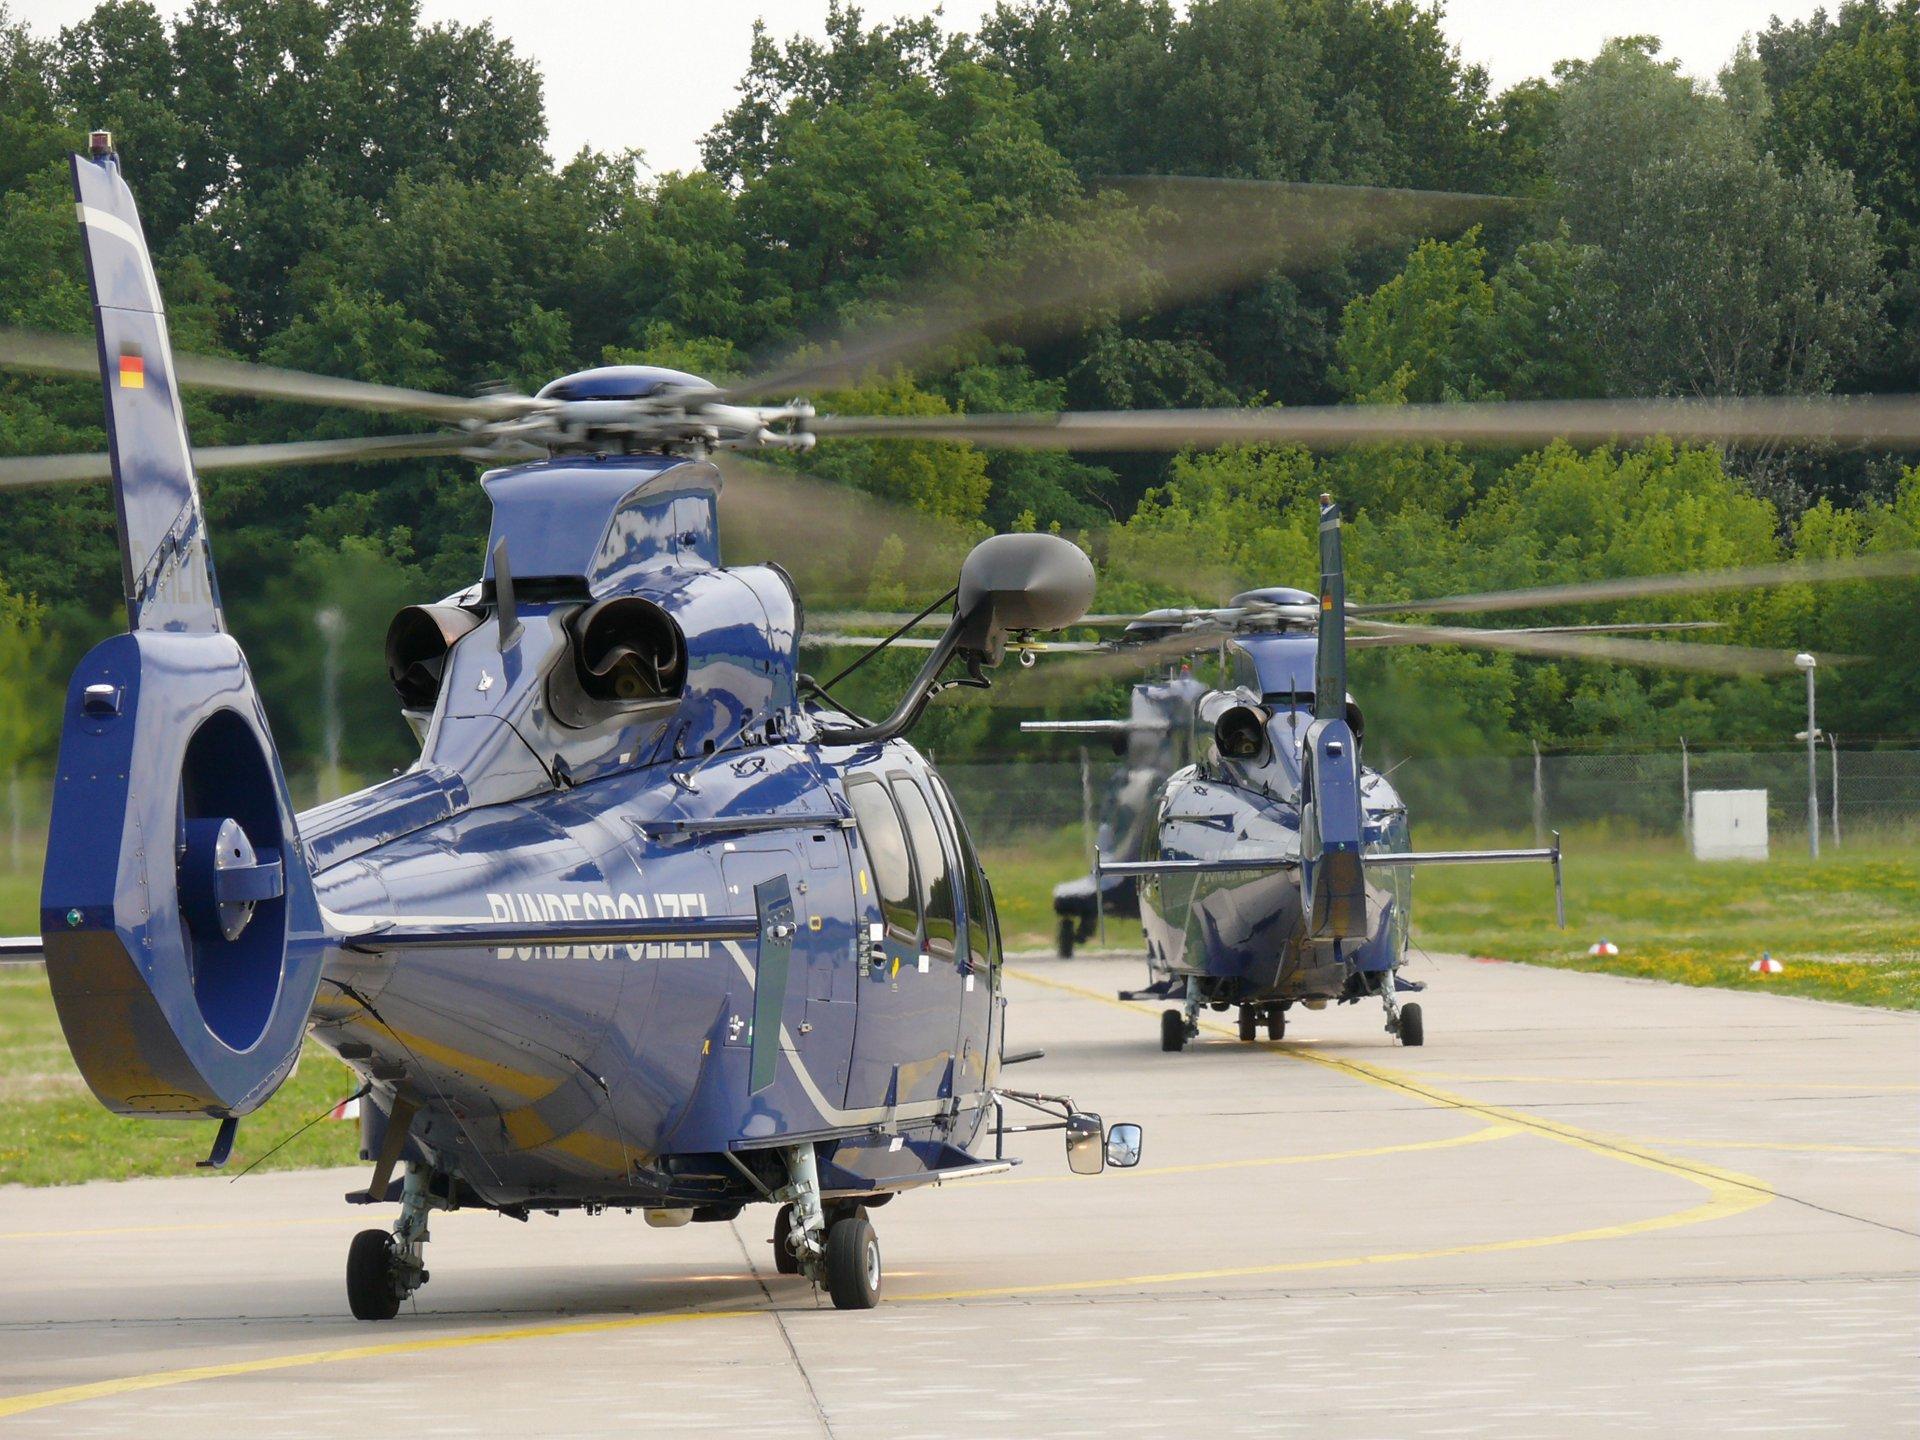 H155 for law enforcement